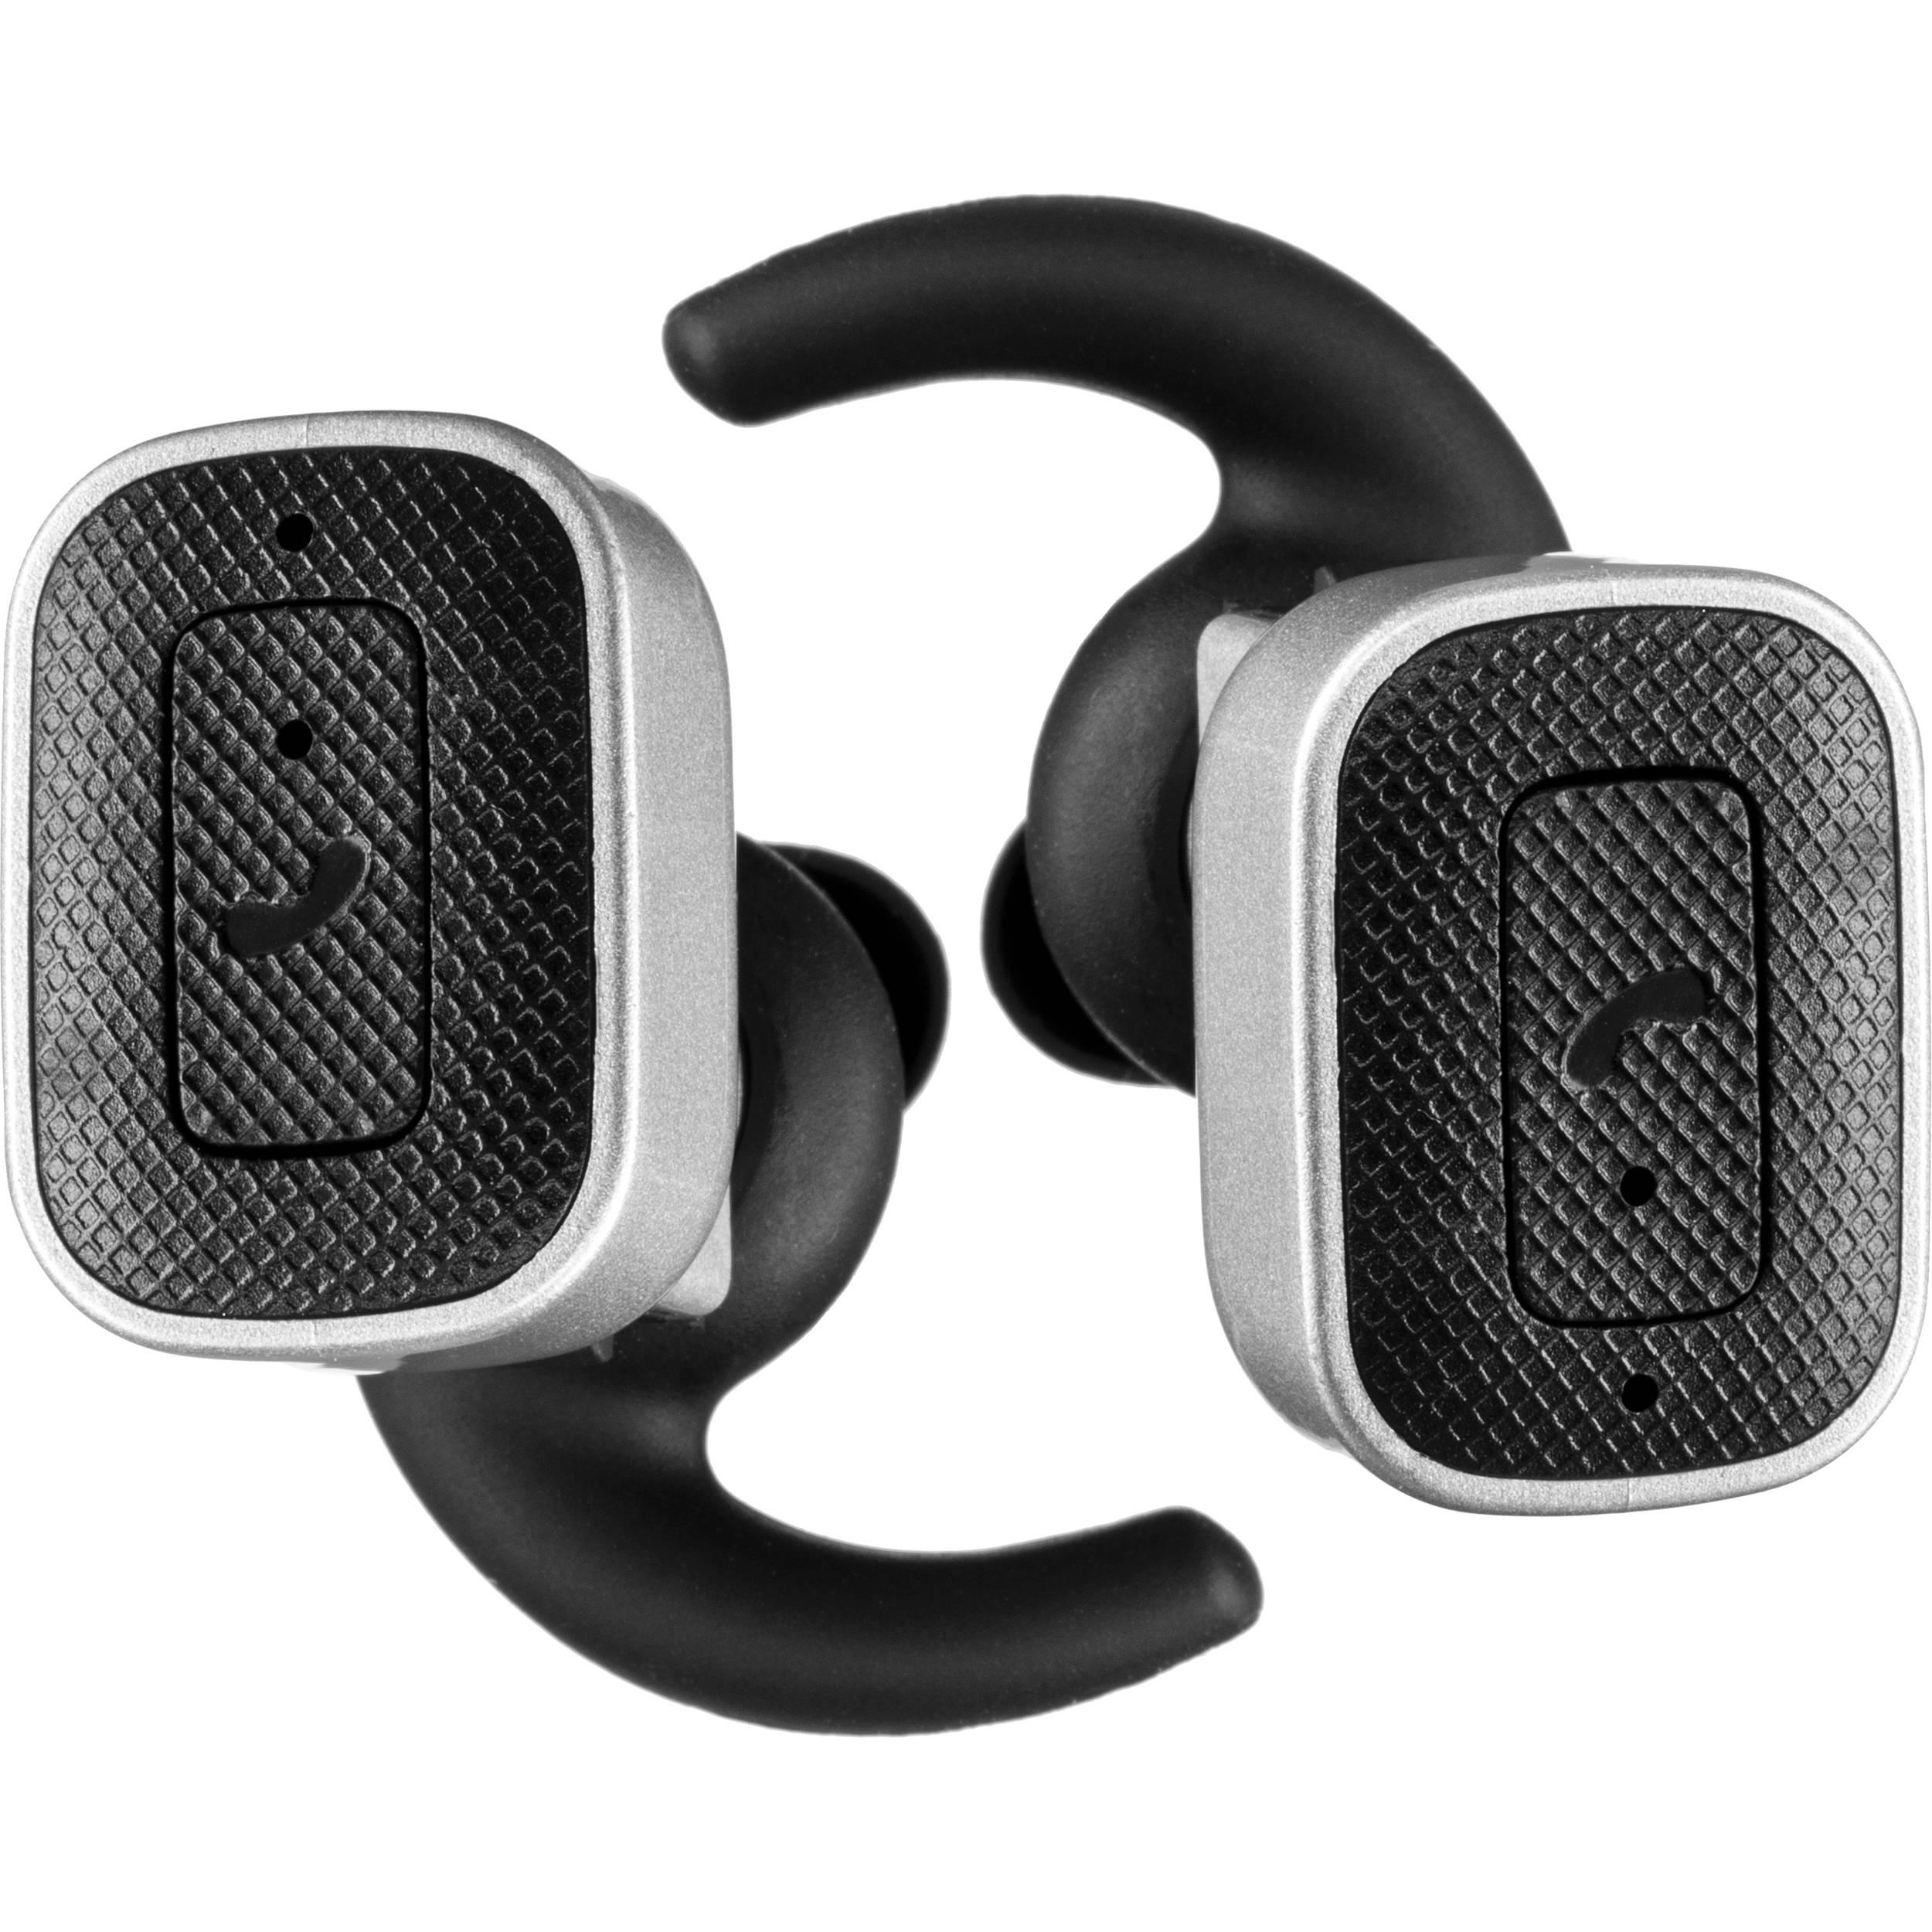 b6b0fd61778 POM GEAR Pilot True Wireless Earbuds (Red Metal) C2G-P6-RM B&H